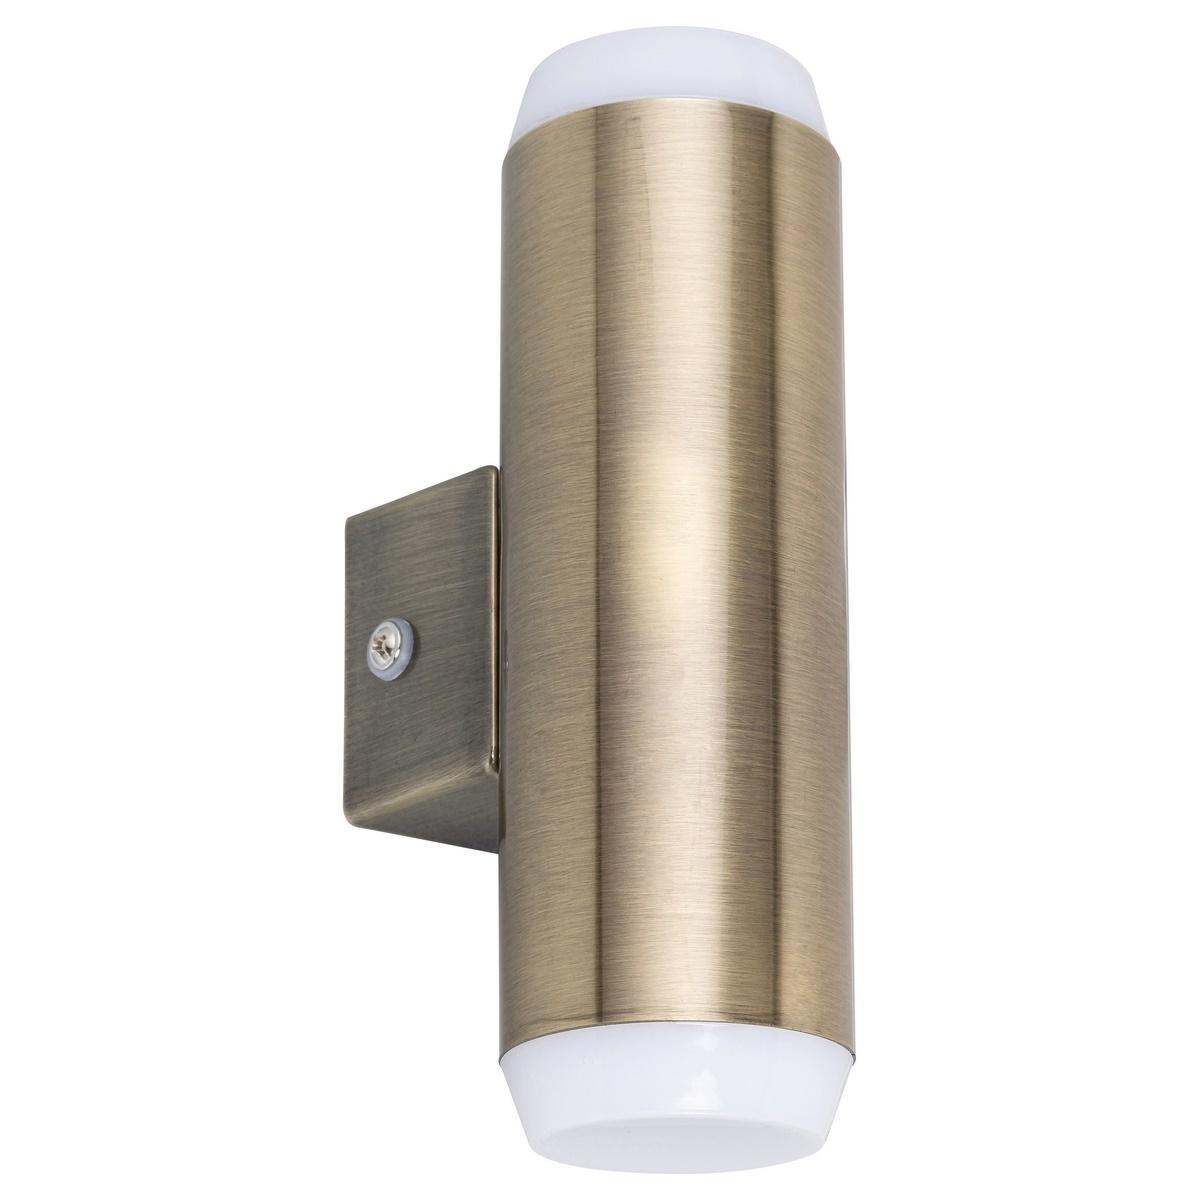 Rabalux 8939 Catania Venkovní LED nástěnné svítidlo, hnědá